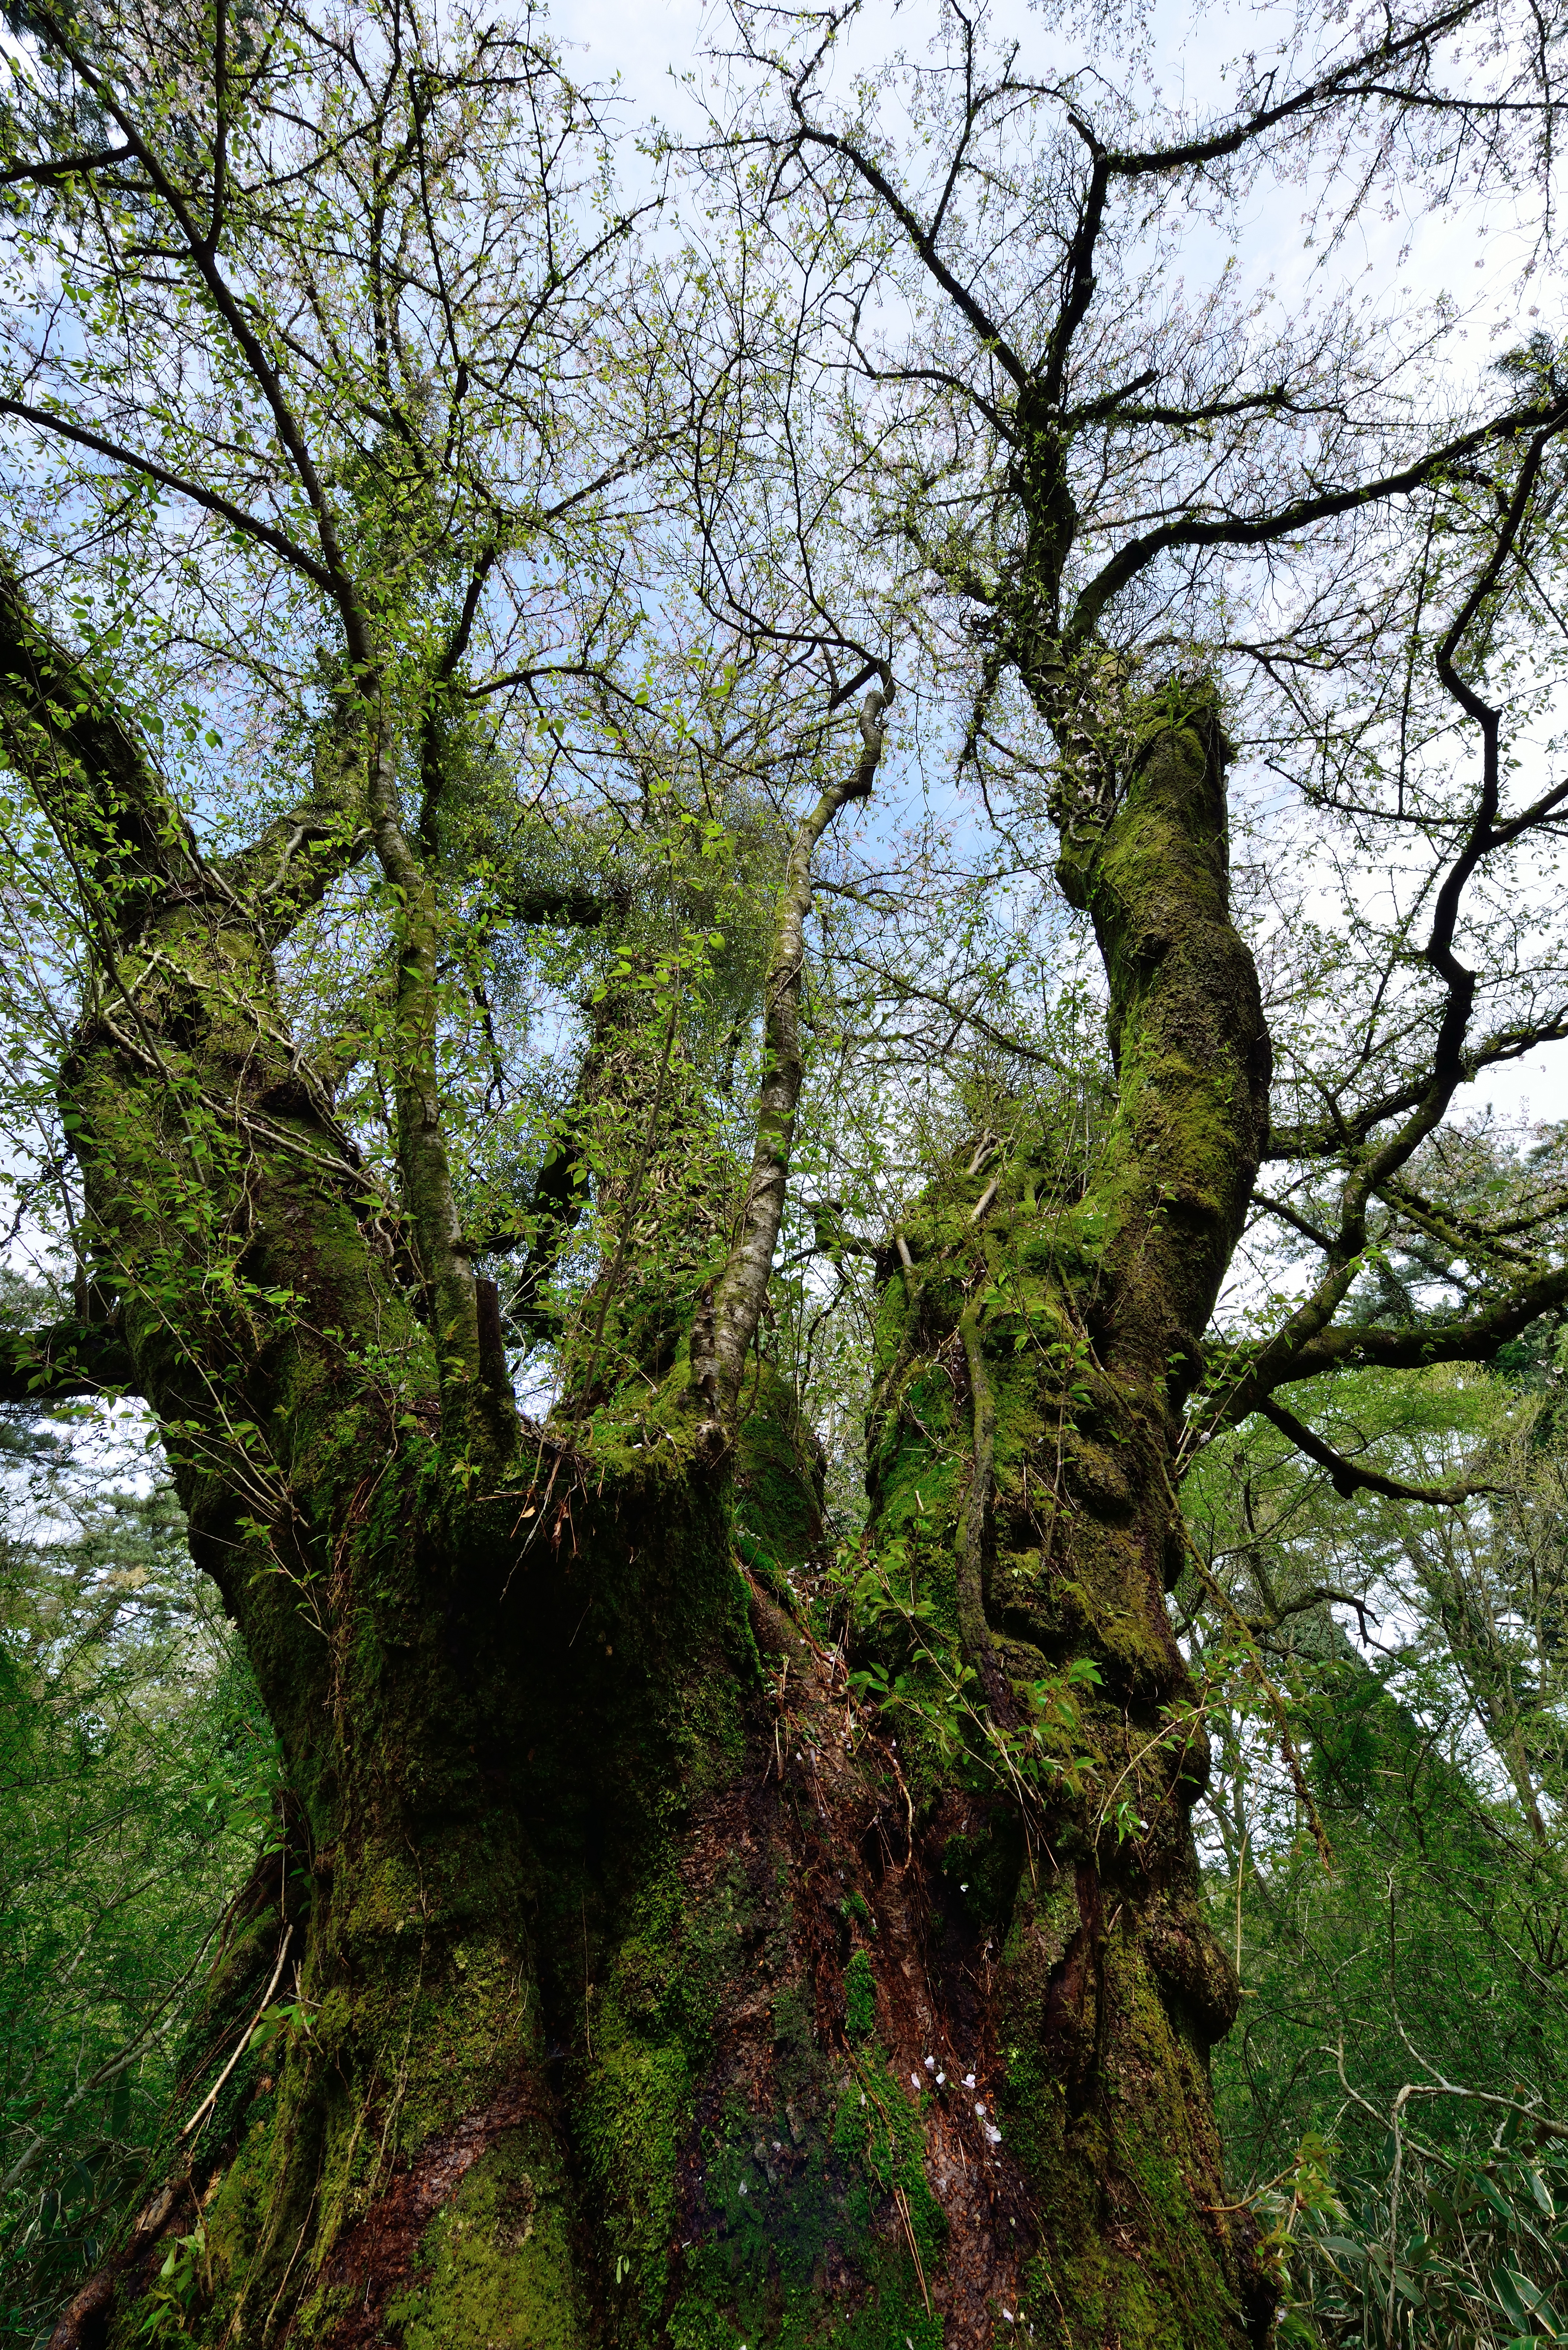 265살, 자생 왕벚나무 중 최고령 나무 발견 이미지1